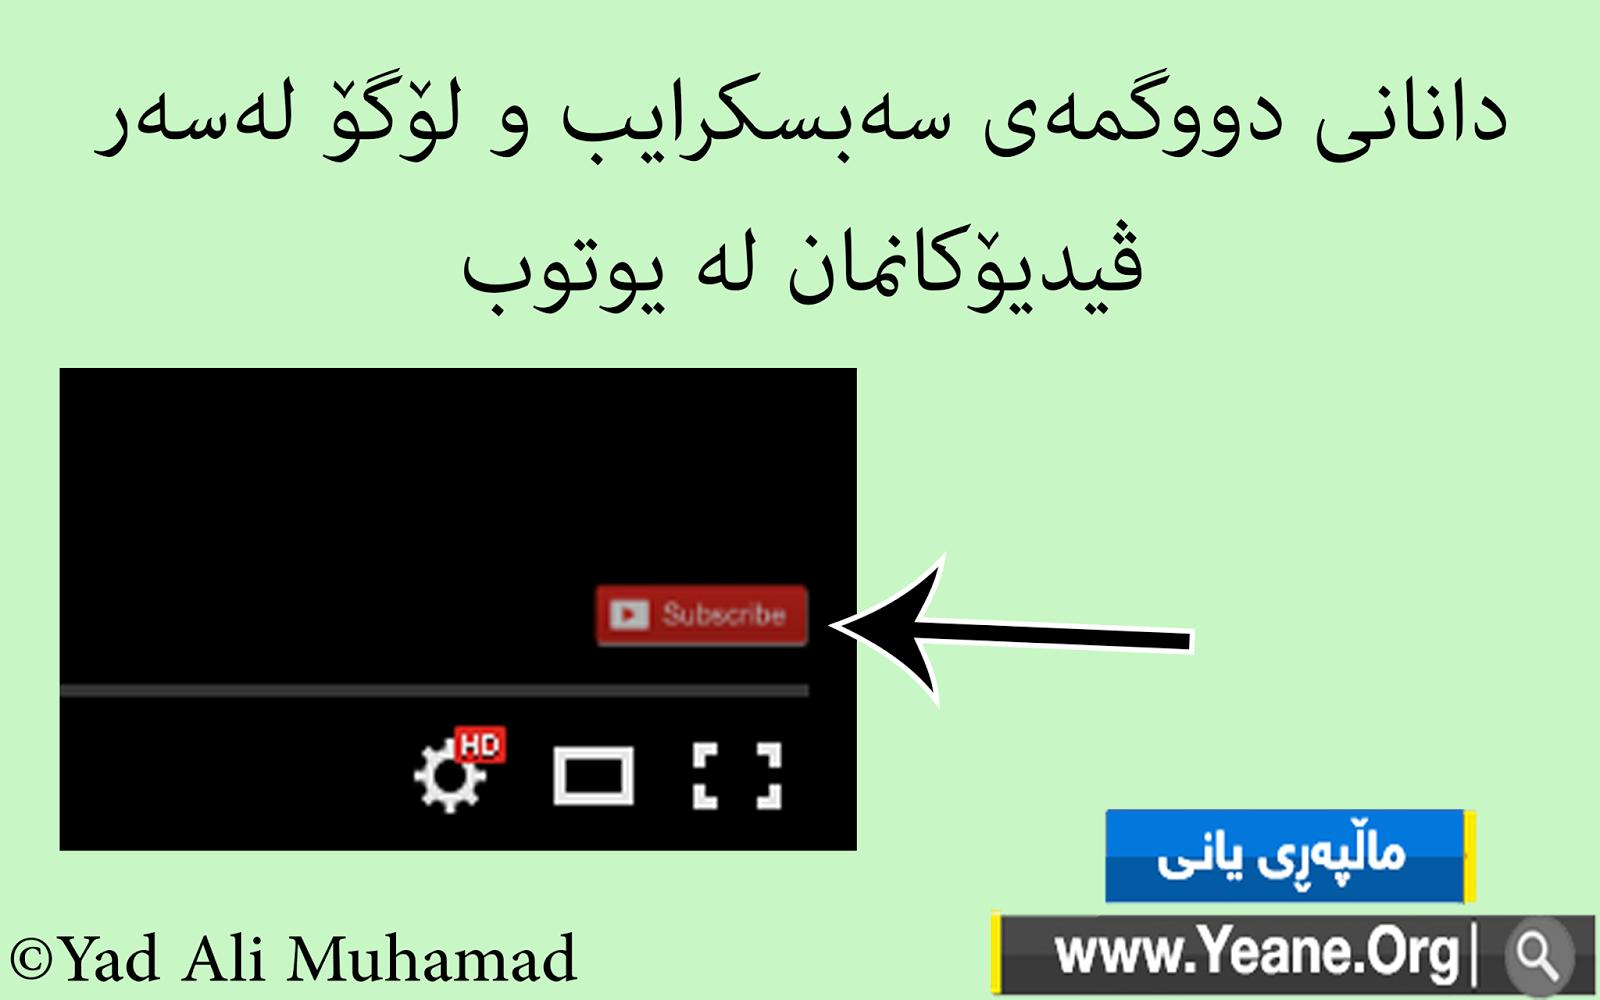 فێركاری | دانانی دوگمهی سهبسكرایب و لۆگۆ لهسهر ڤیدیۆكانمان له یوتوب